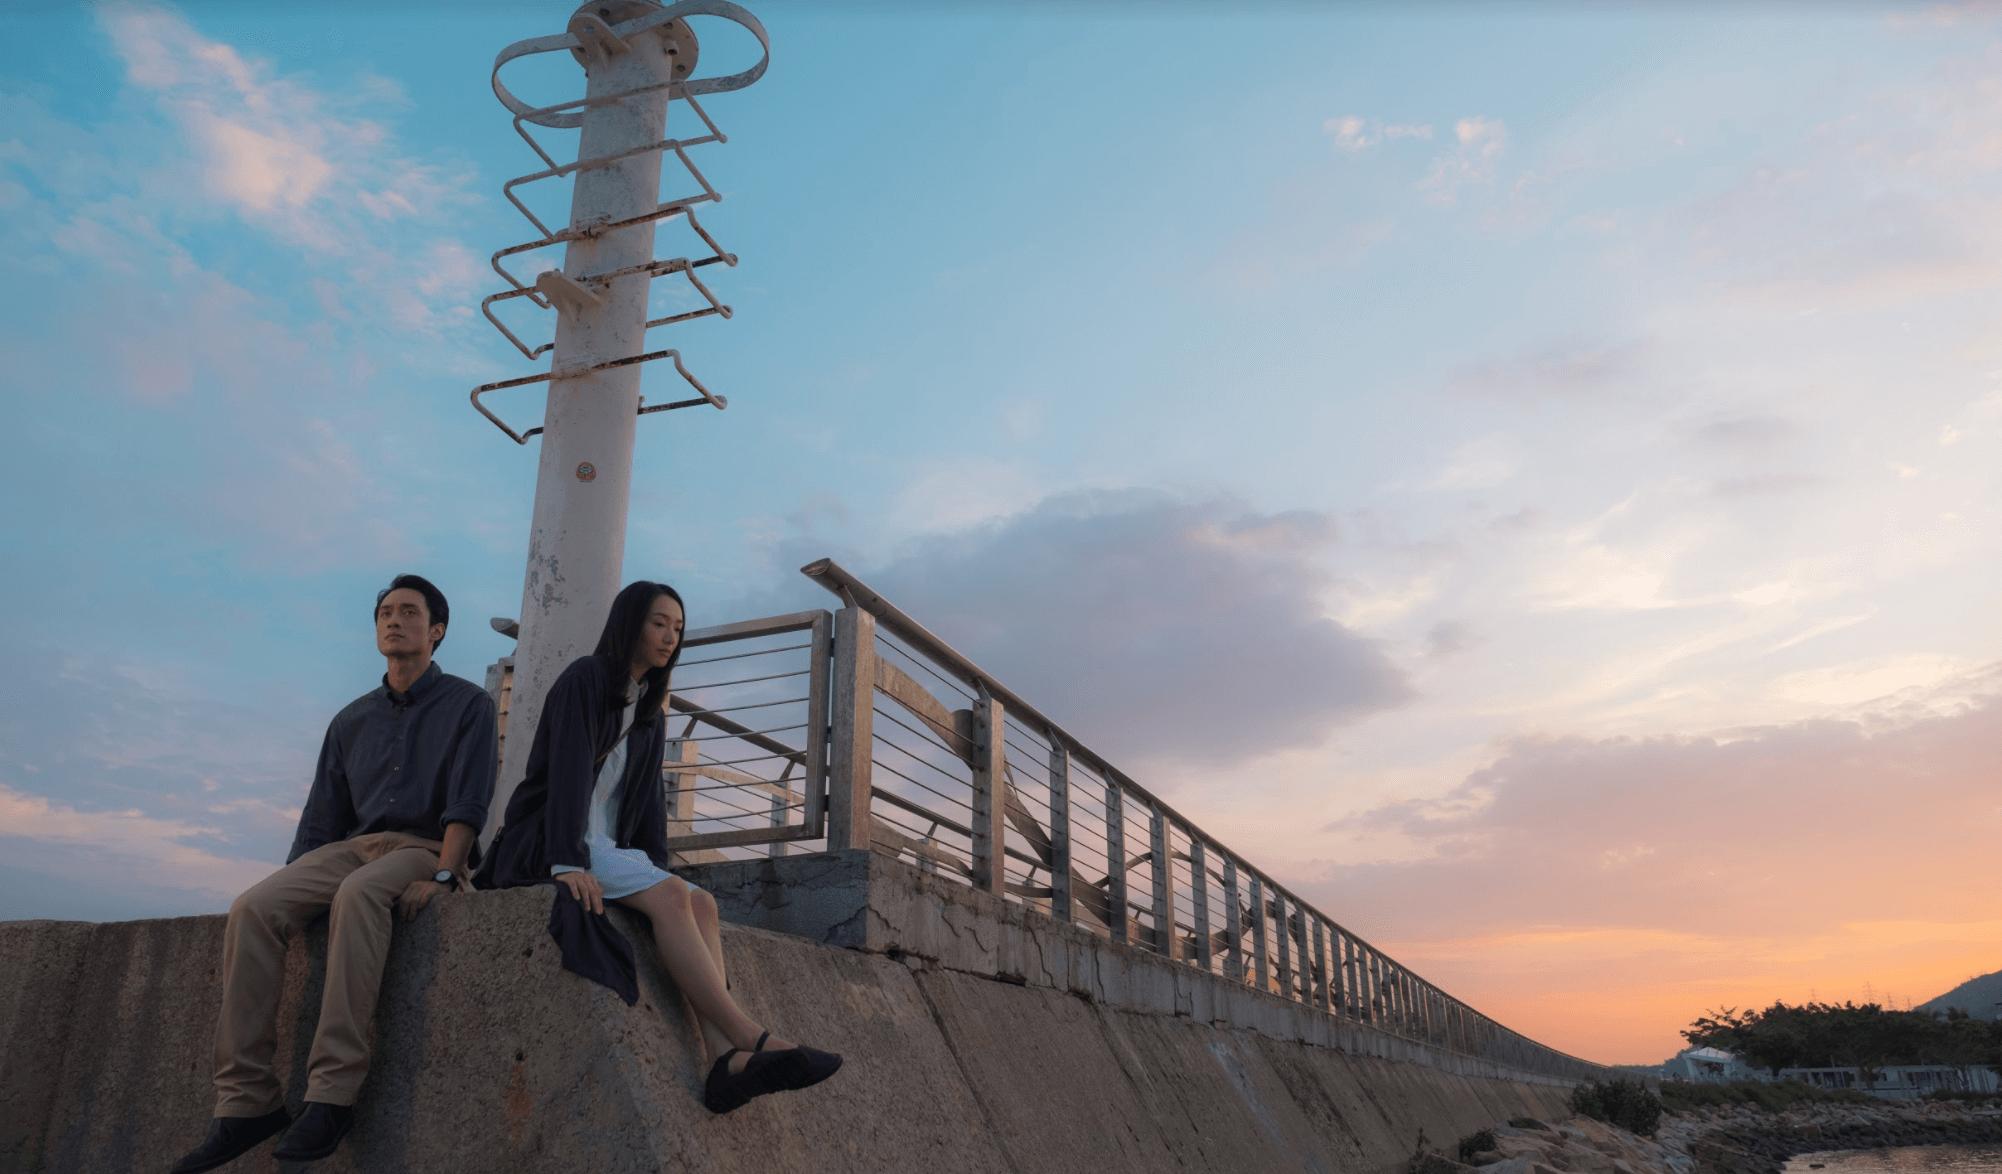 電影《幻愛》於屯門取景,其中一幕攝於屯門碼頭盡頭燈塔下。